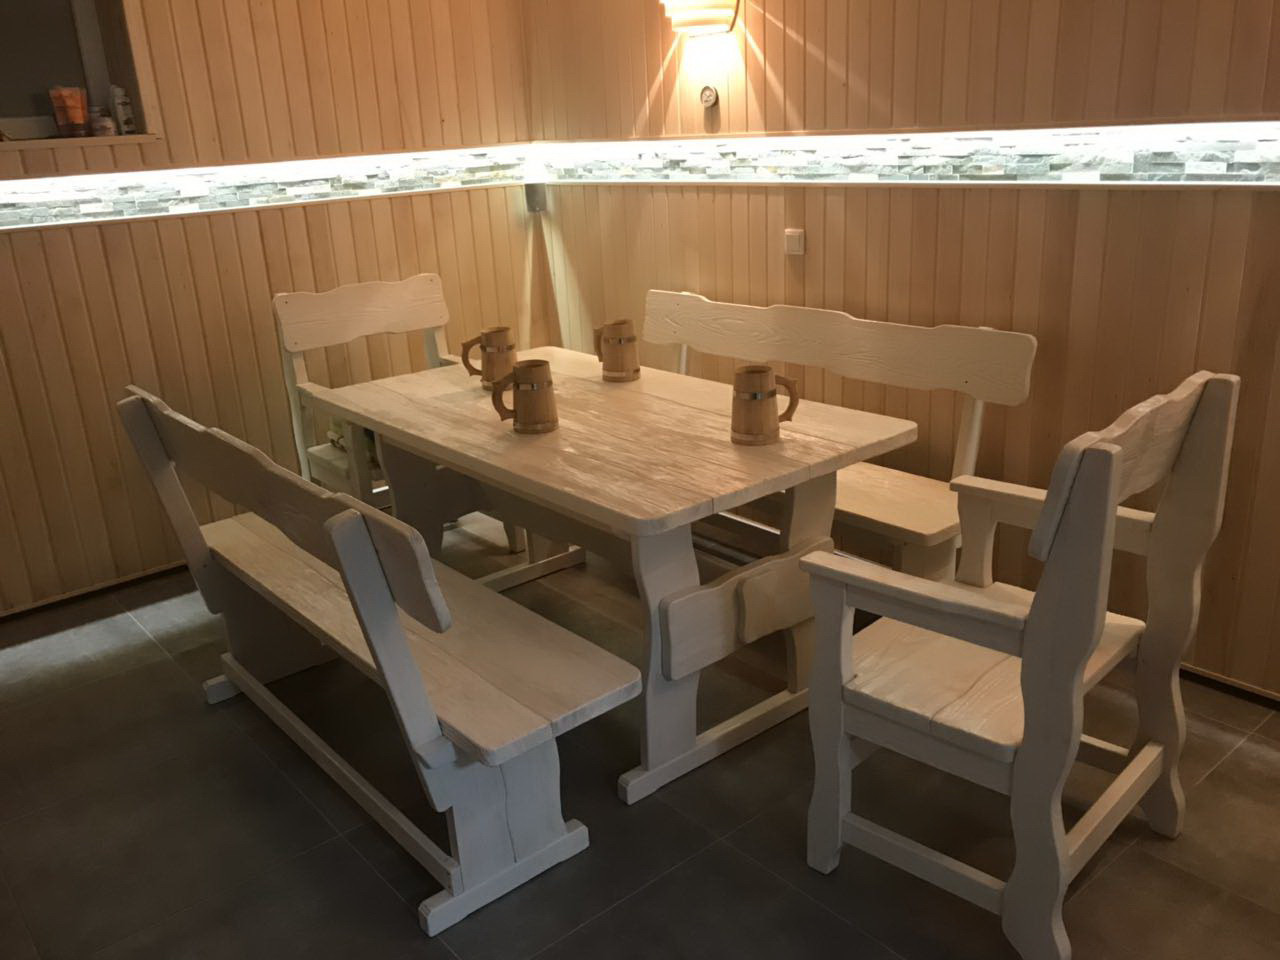 Садовая мебель из массива дерева 1500х800 от производителя для дачи, кафе, комплект Furniture set - 28